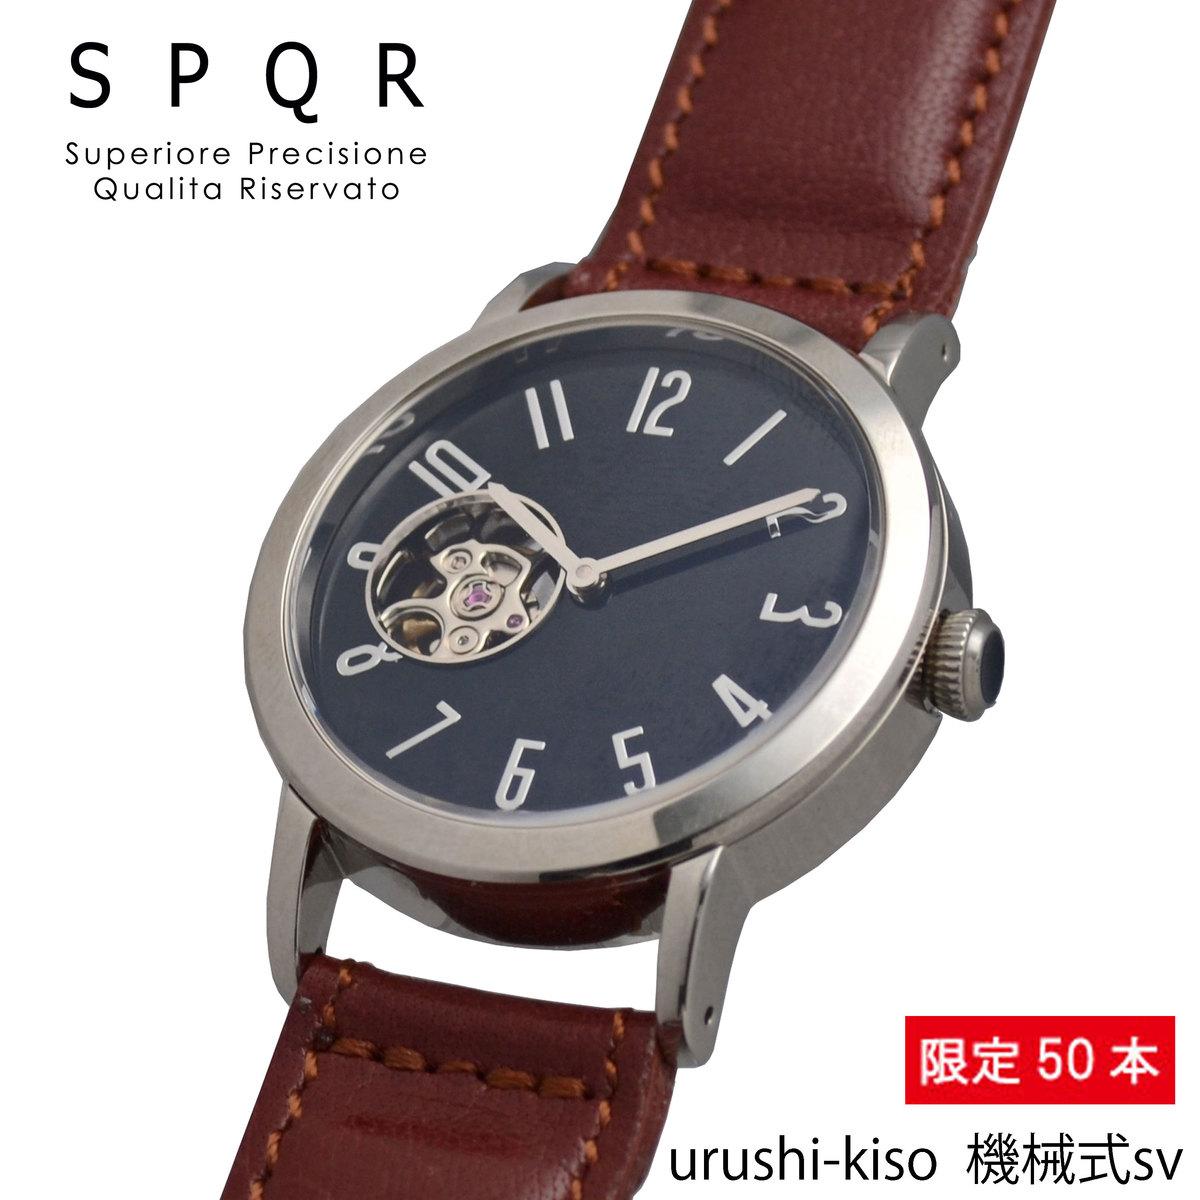 SPQR 国産てんぷスケルトン機械式ムーブメント×木曽漆の匠 荻原 文峰氏 の卓越した技が見事に融合した 「urushi-kiso 機械式腕時計 」限定50本